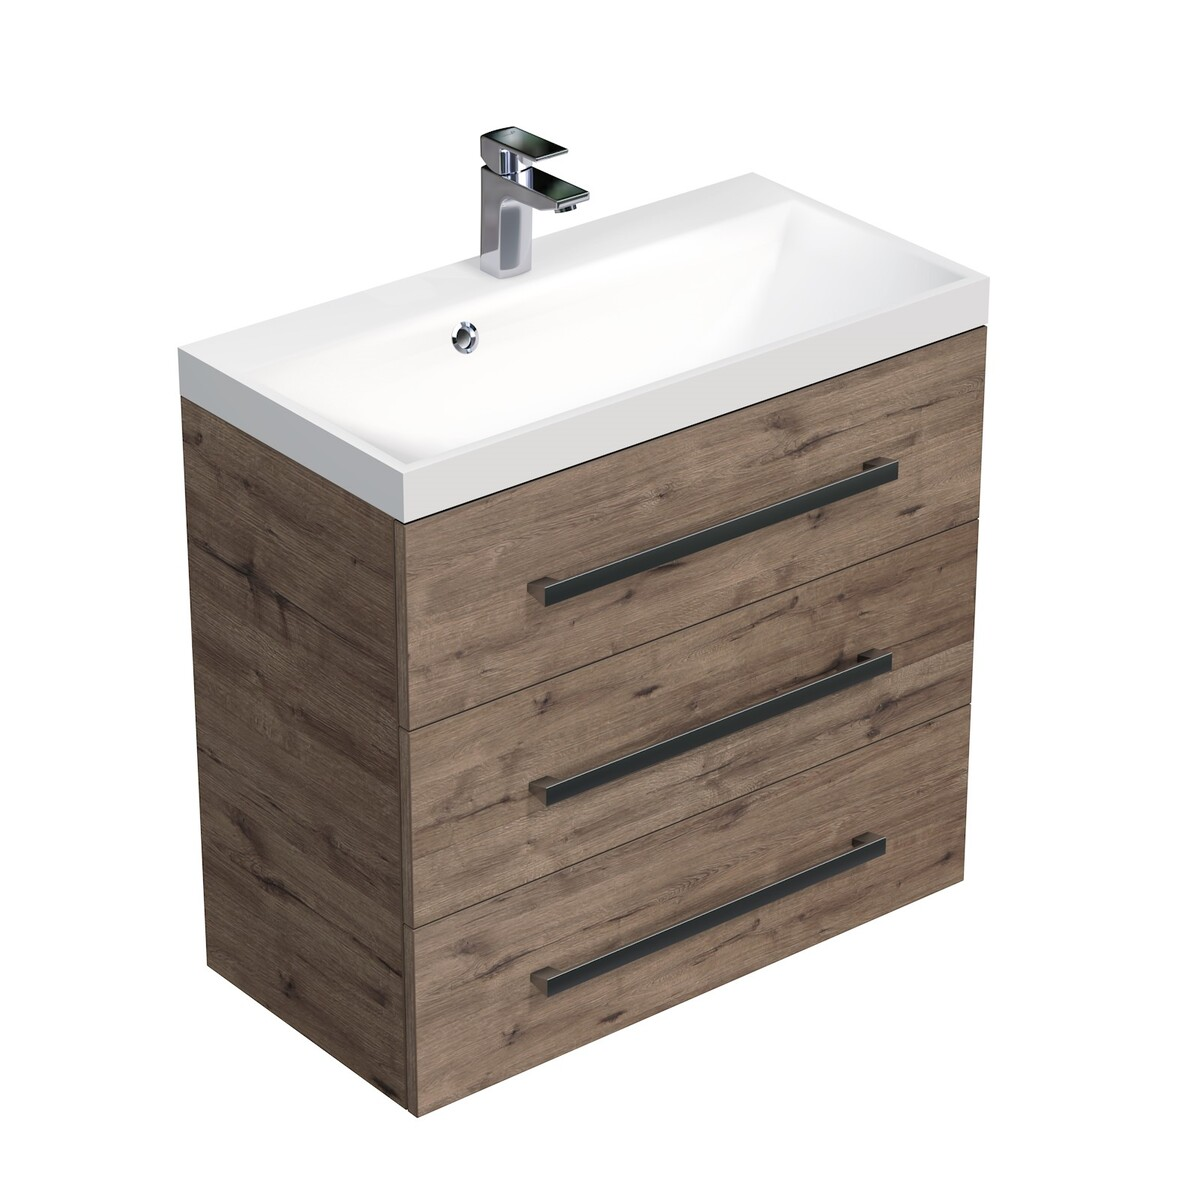 Koupelnová skříňka s umyvadlem Naturel Cube Way 80x76,5x40 cm dub wellington CUBE2803DW